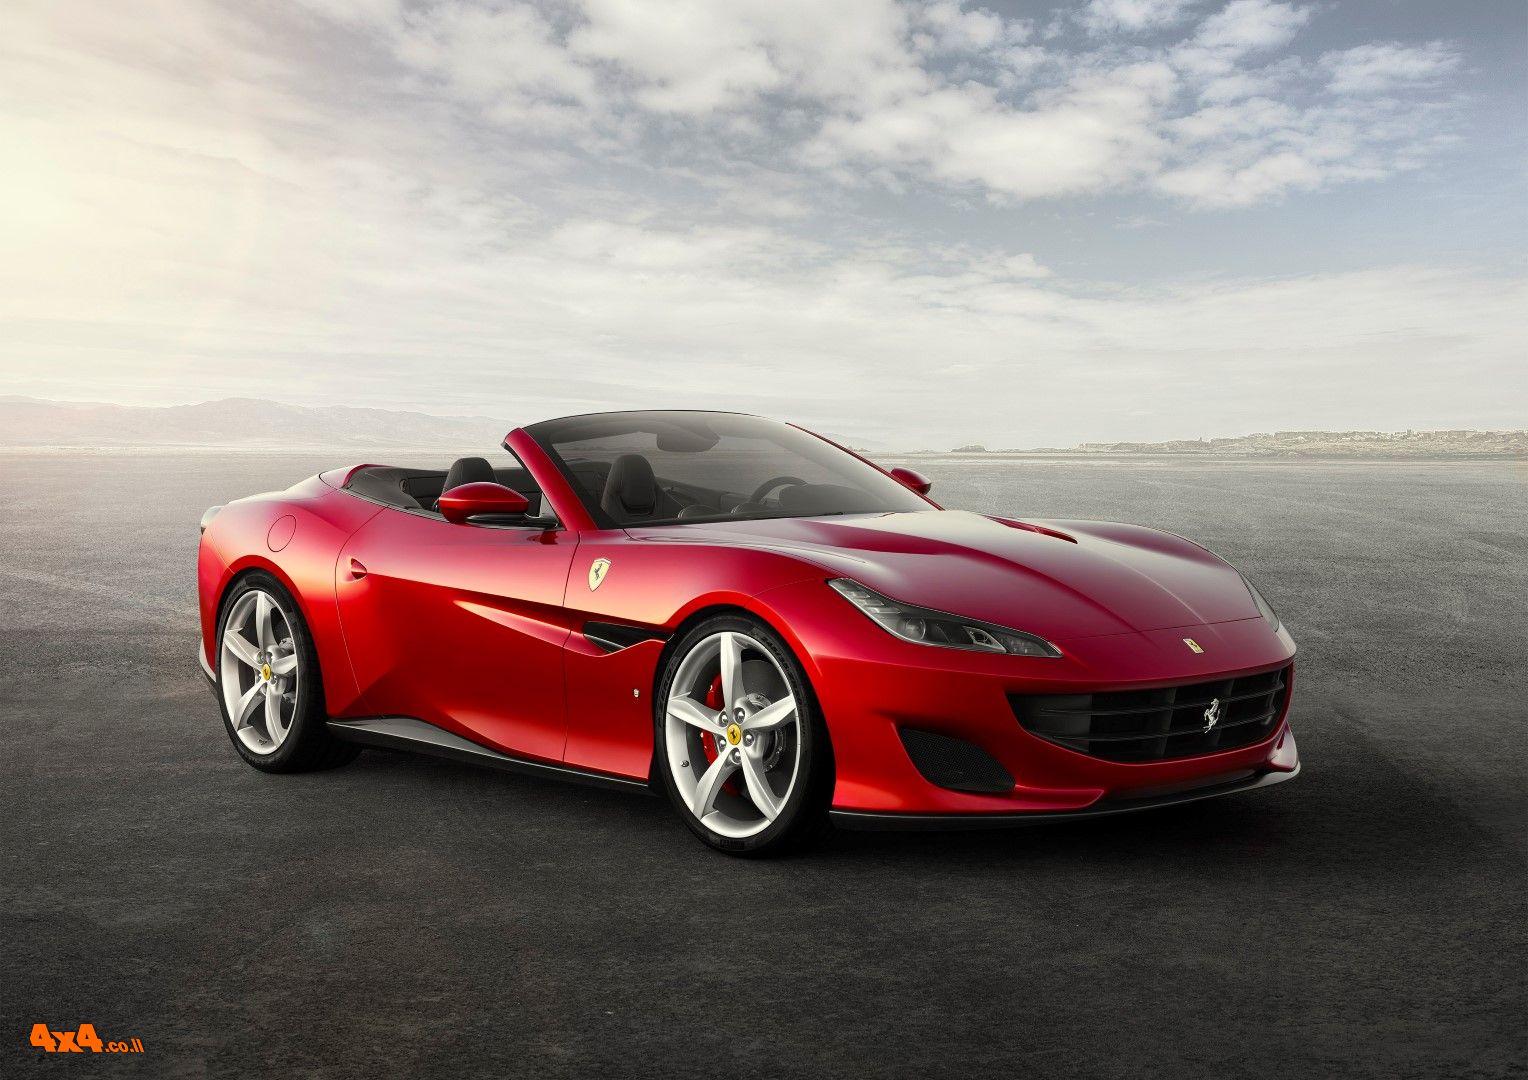 חדש על הכביש: פרארי פורטופינו Ferrari Portofino